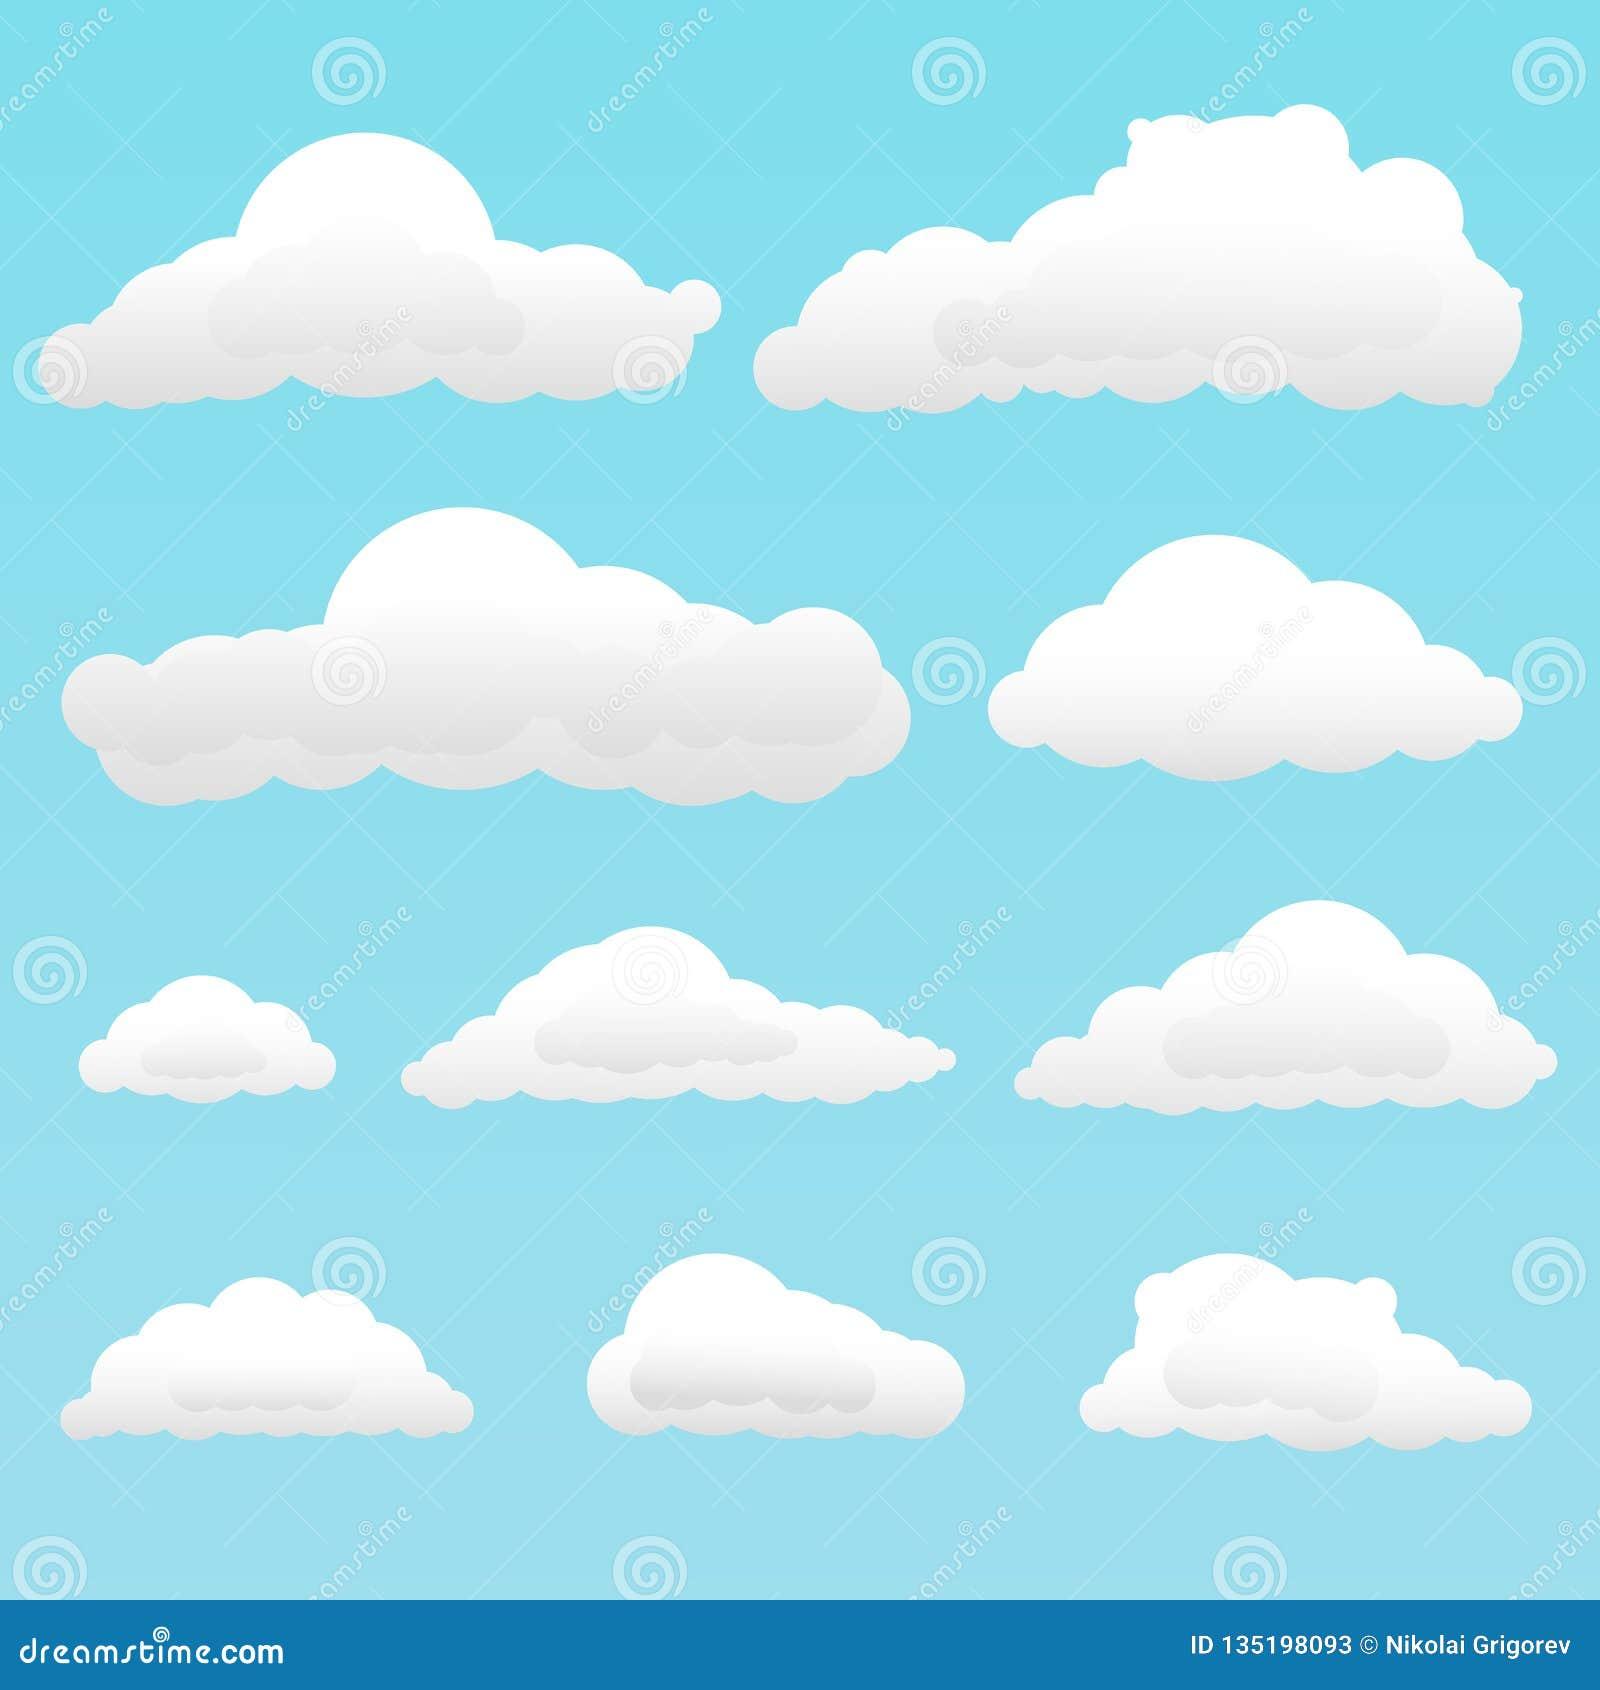 Illustratie van reeks wolken